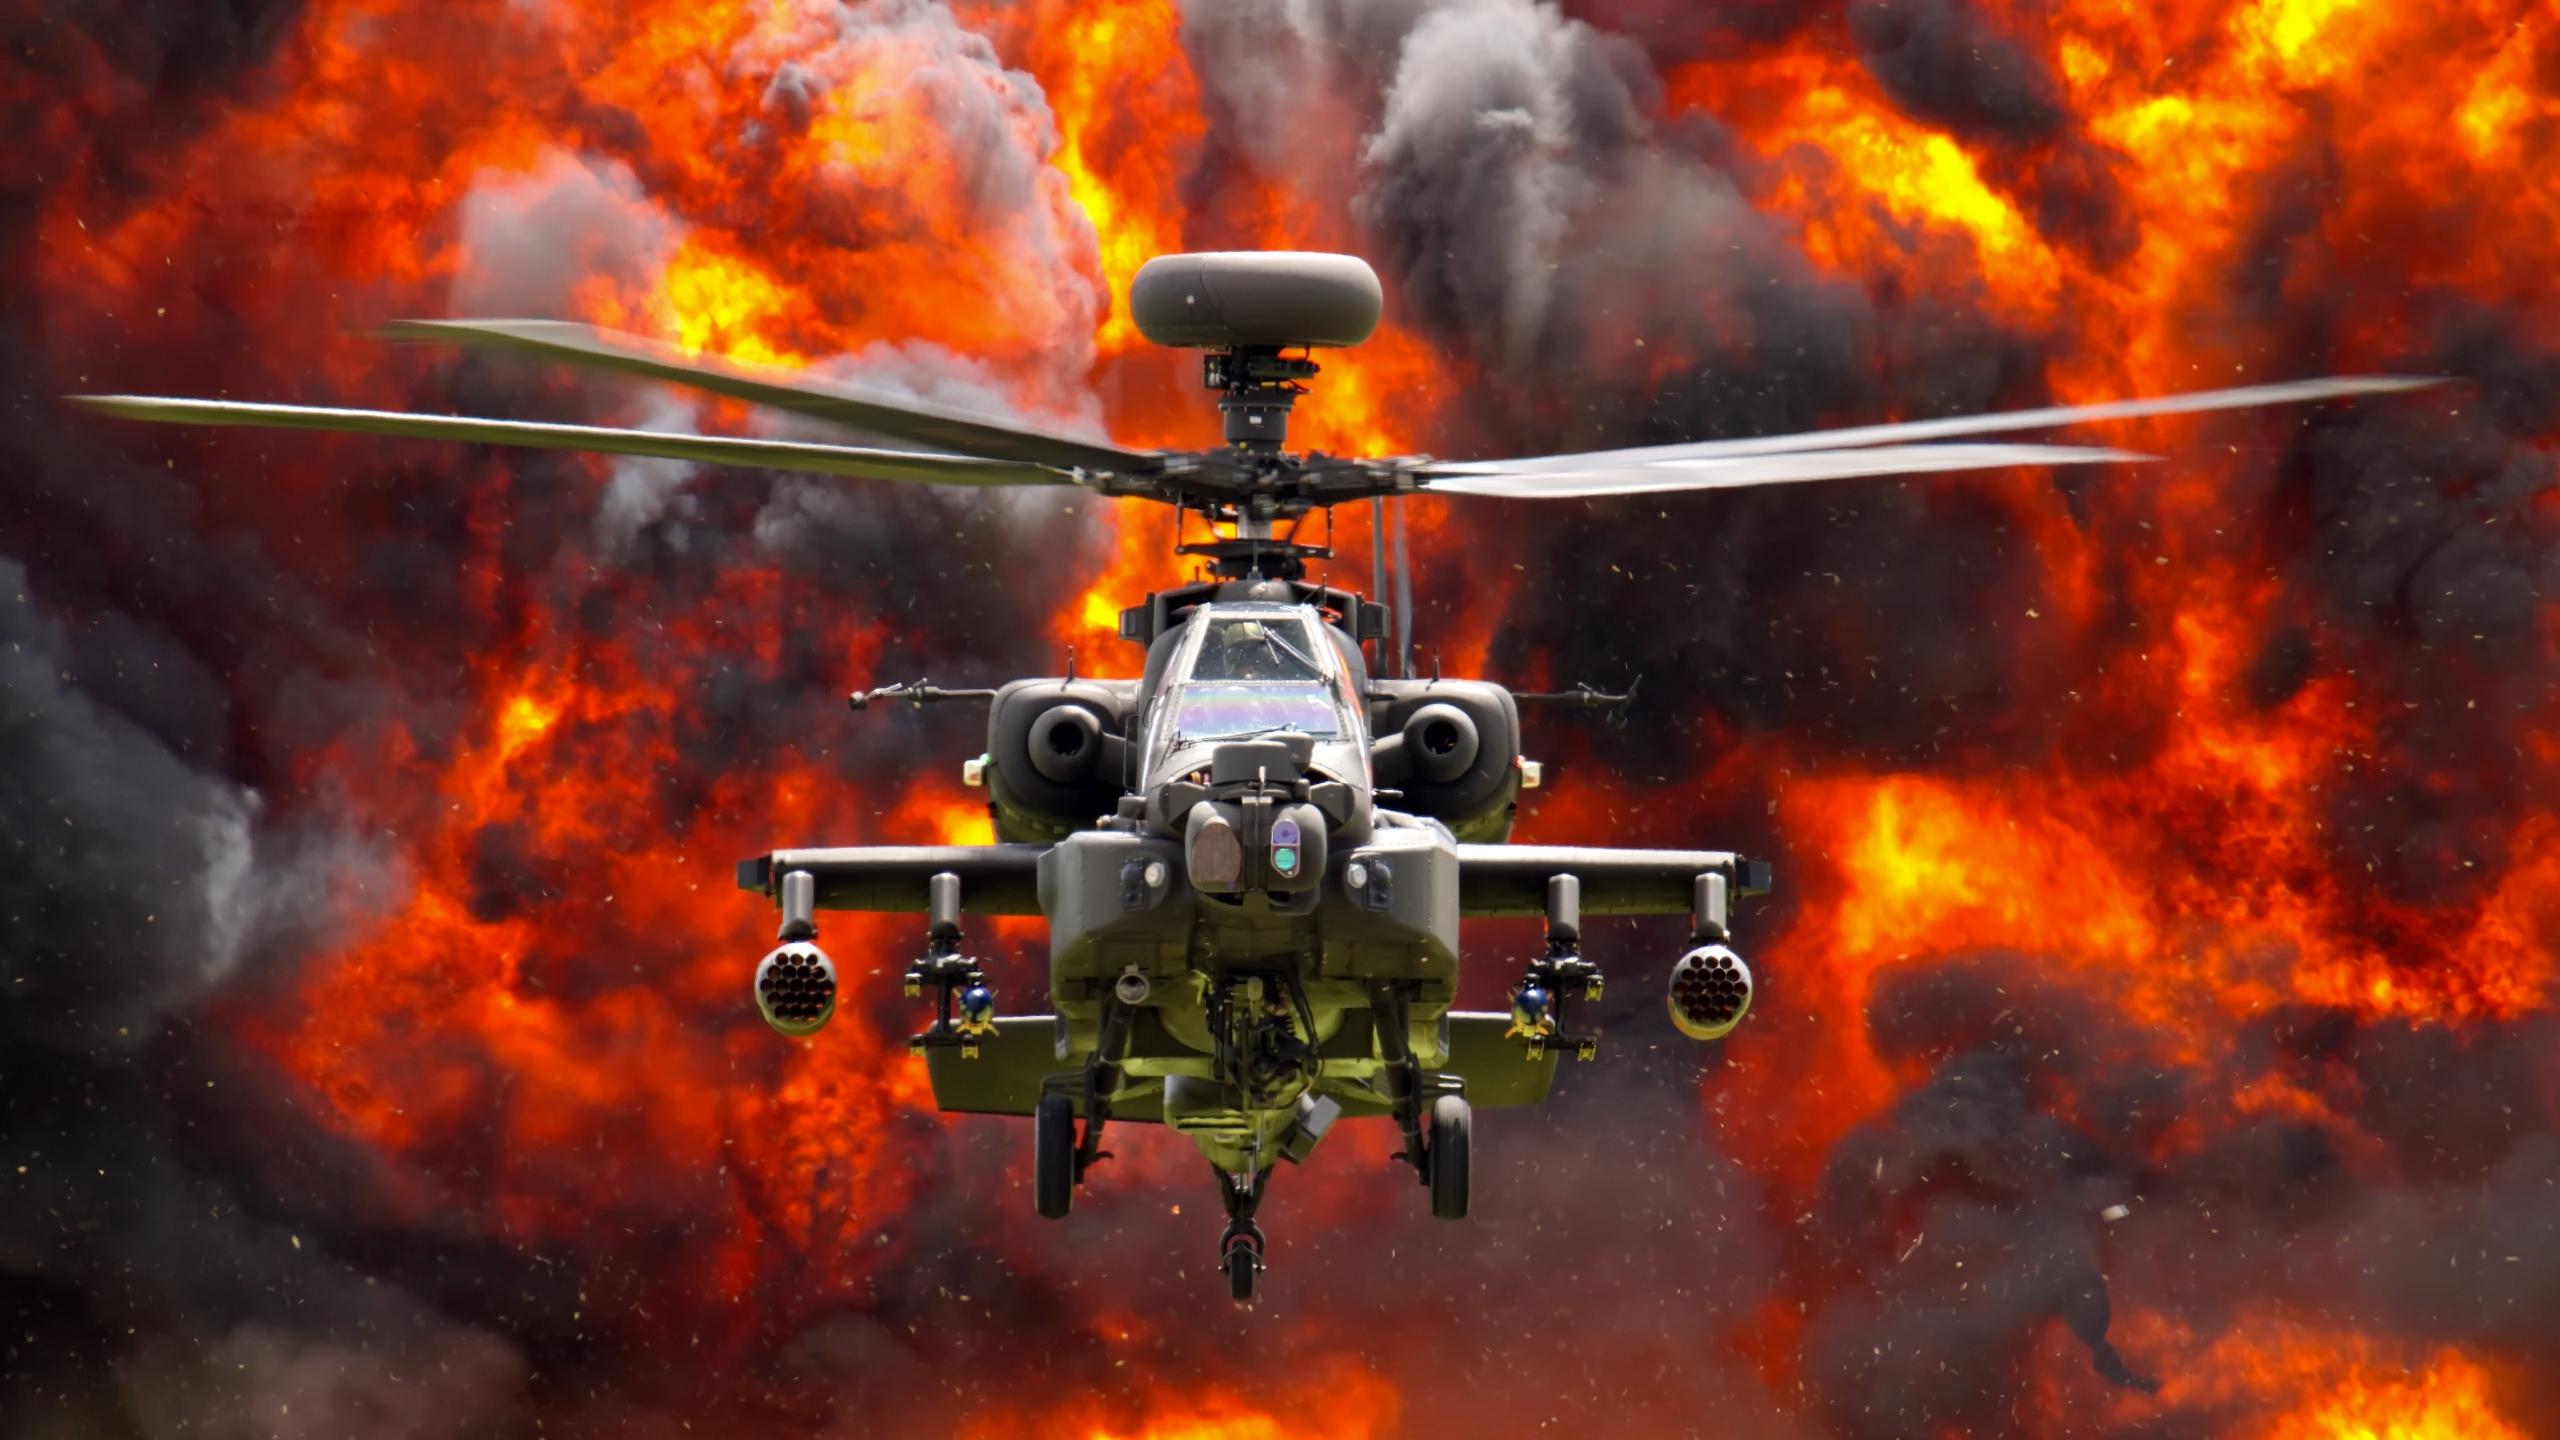 Apache display med eksplosiv fi - klavs1972 | ello